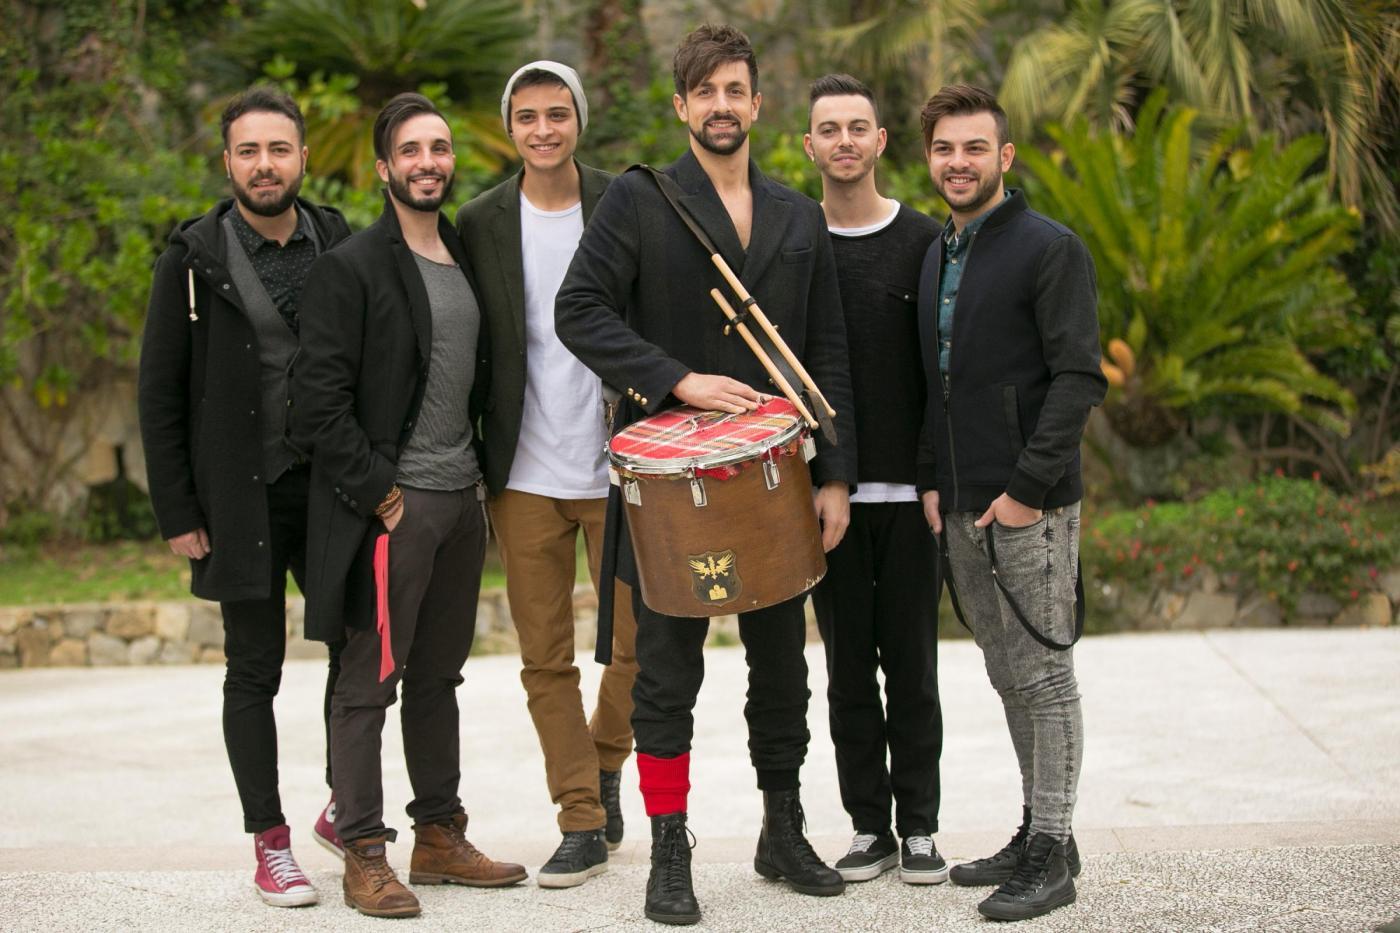 Dopofestival Sanremo 2017: La Rua firmeranno l'intersigla con 'Tutta la vita questa vita' e saranno ospiti dello show, il testo della canzone